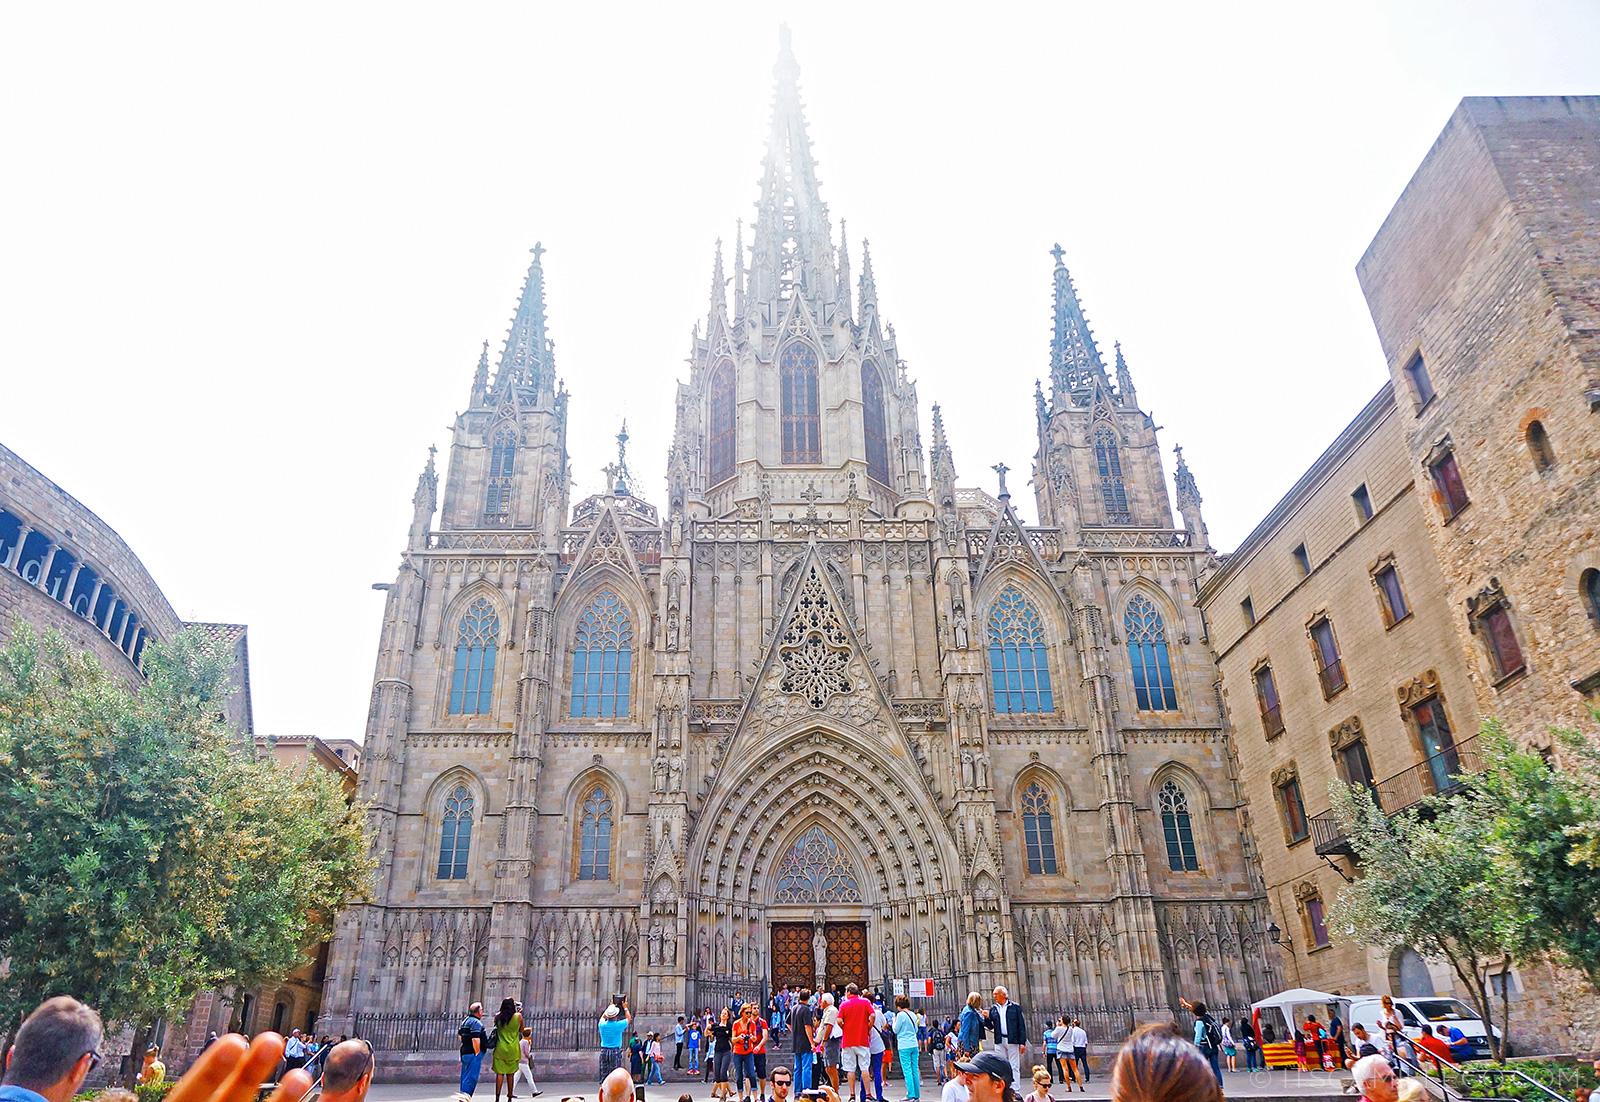 Barcelona la sagrada familia barri g tic and more for La sagrada familia church